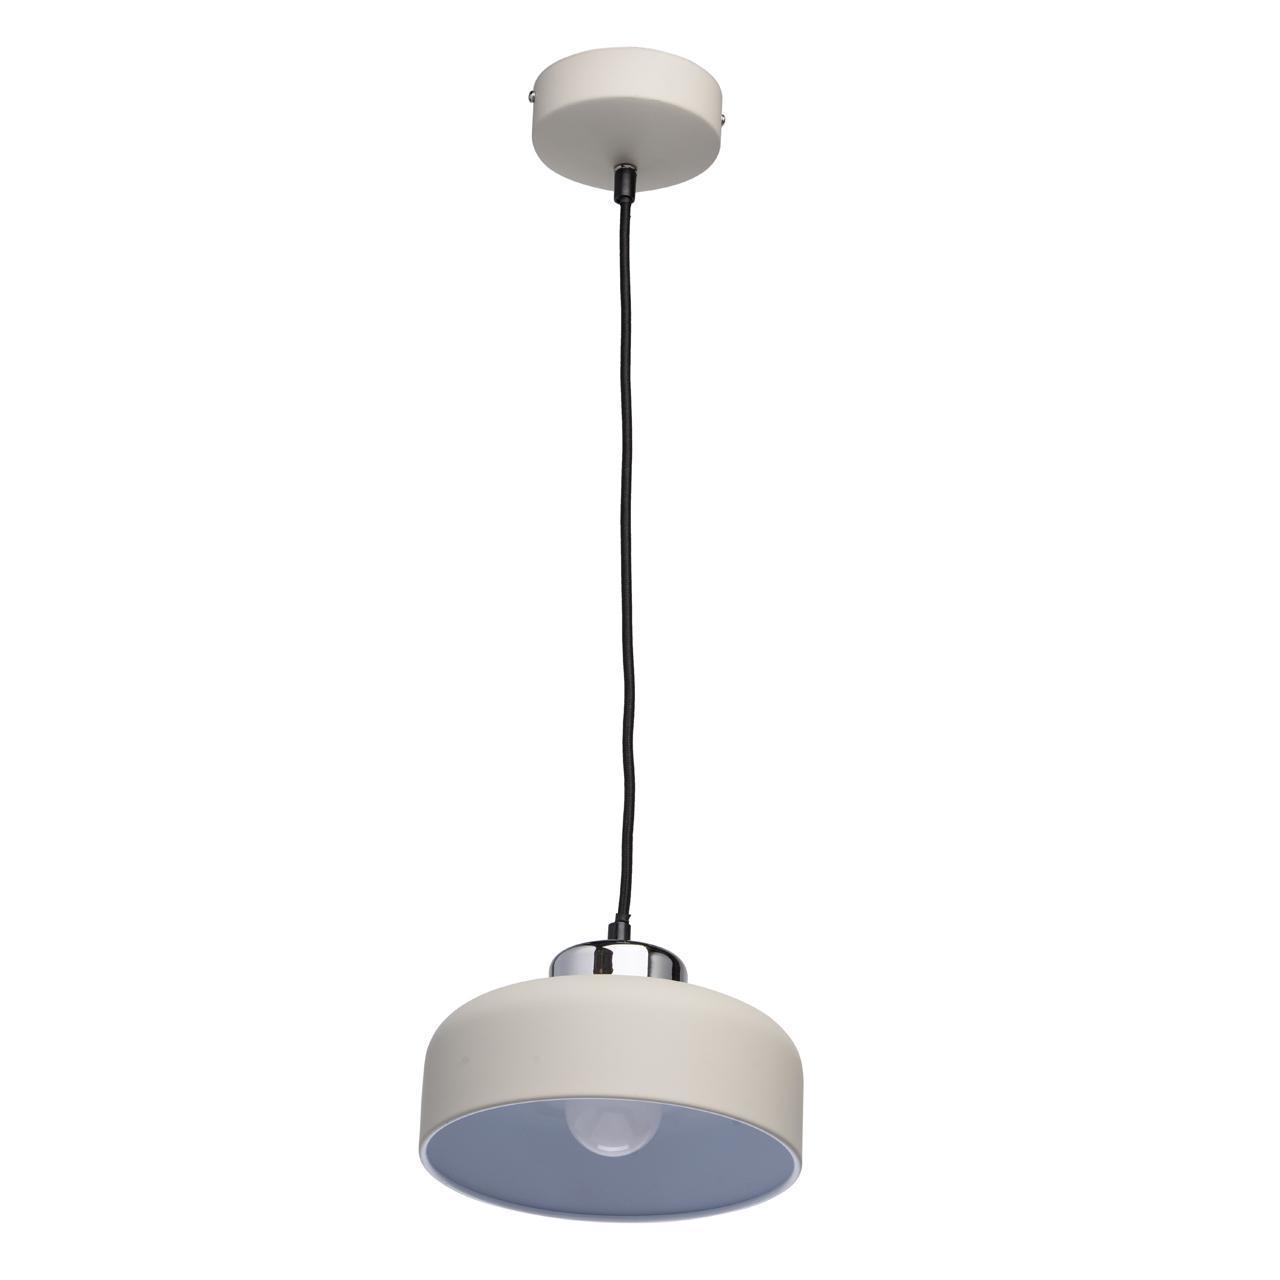 Подвесной светодиодный светильник MW-Light Раунд 2 636011701 mw light подвесной светодиодный светильник mw light раунд 2 636011601